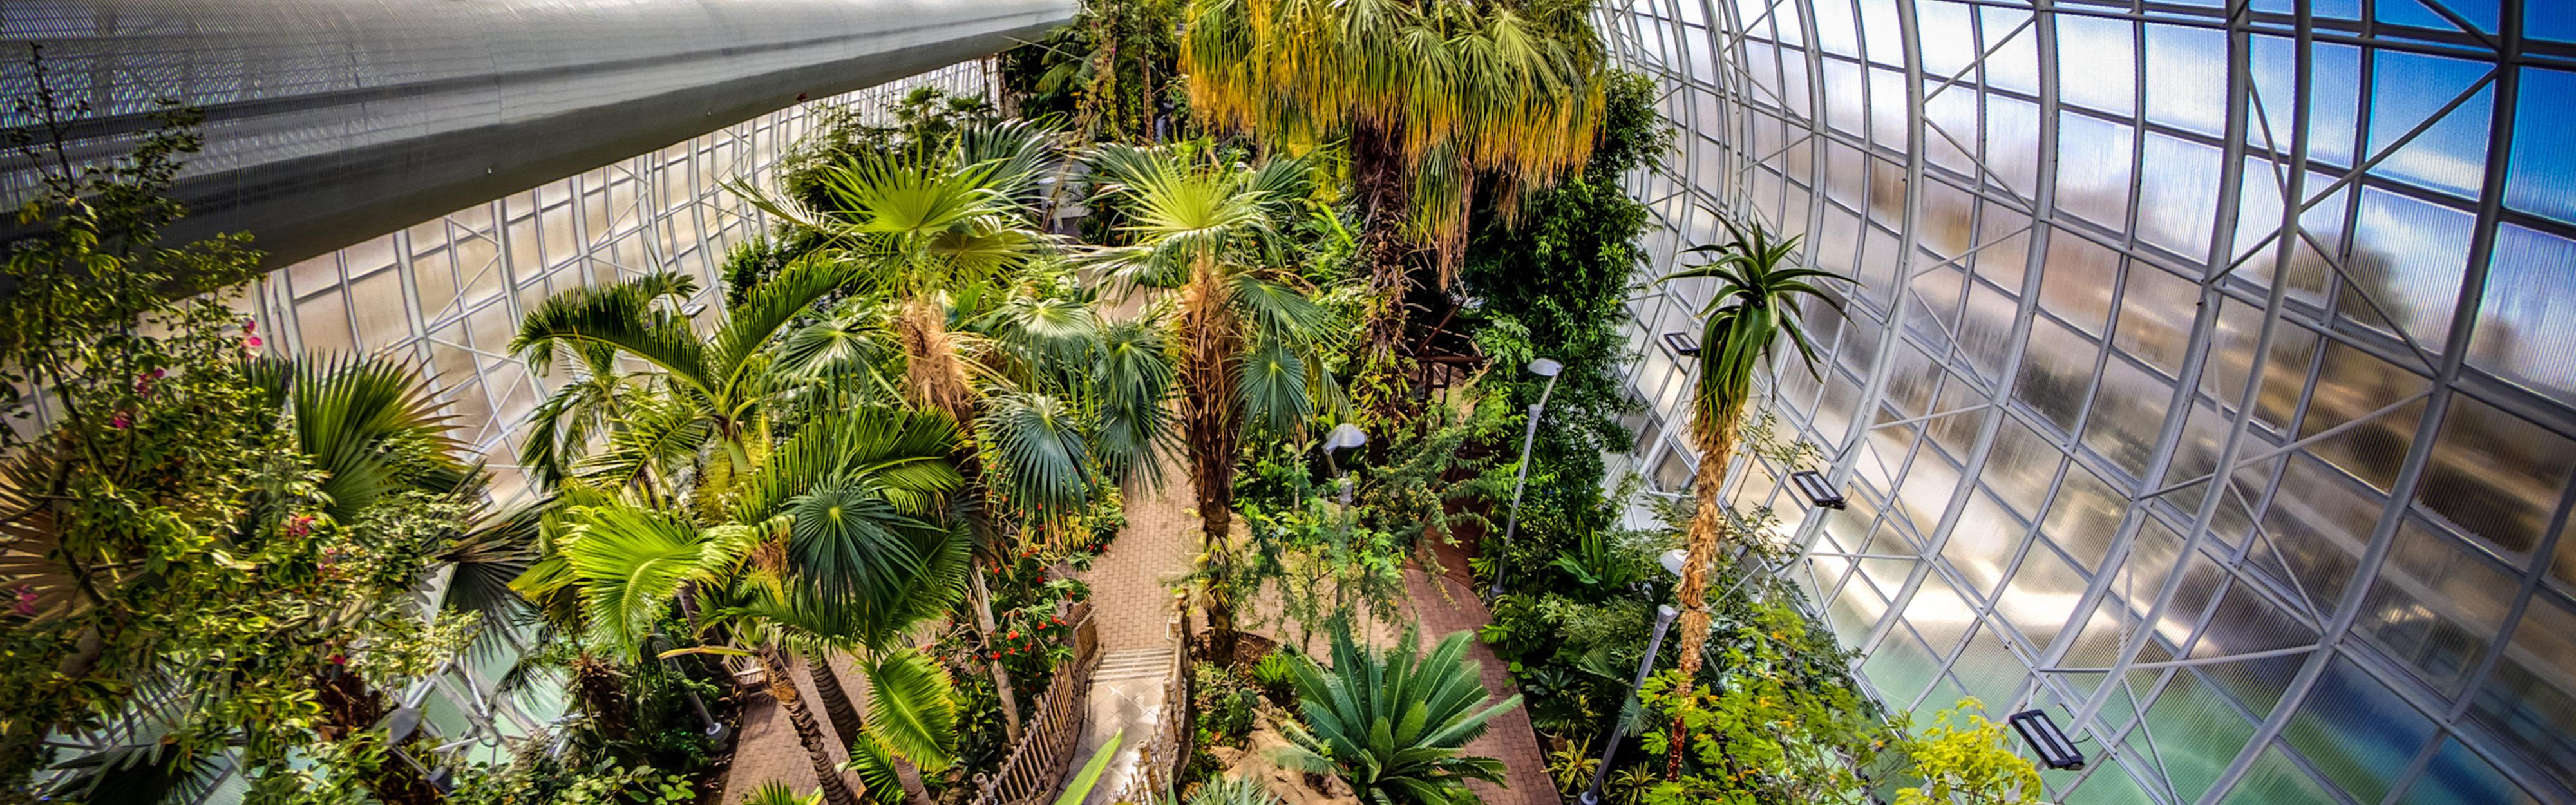 Myriad Botanical Gardens 16:5